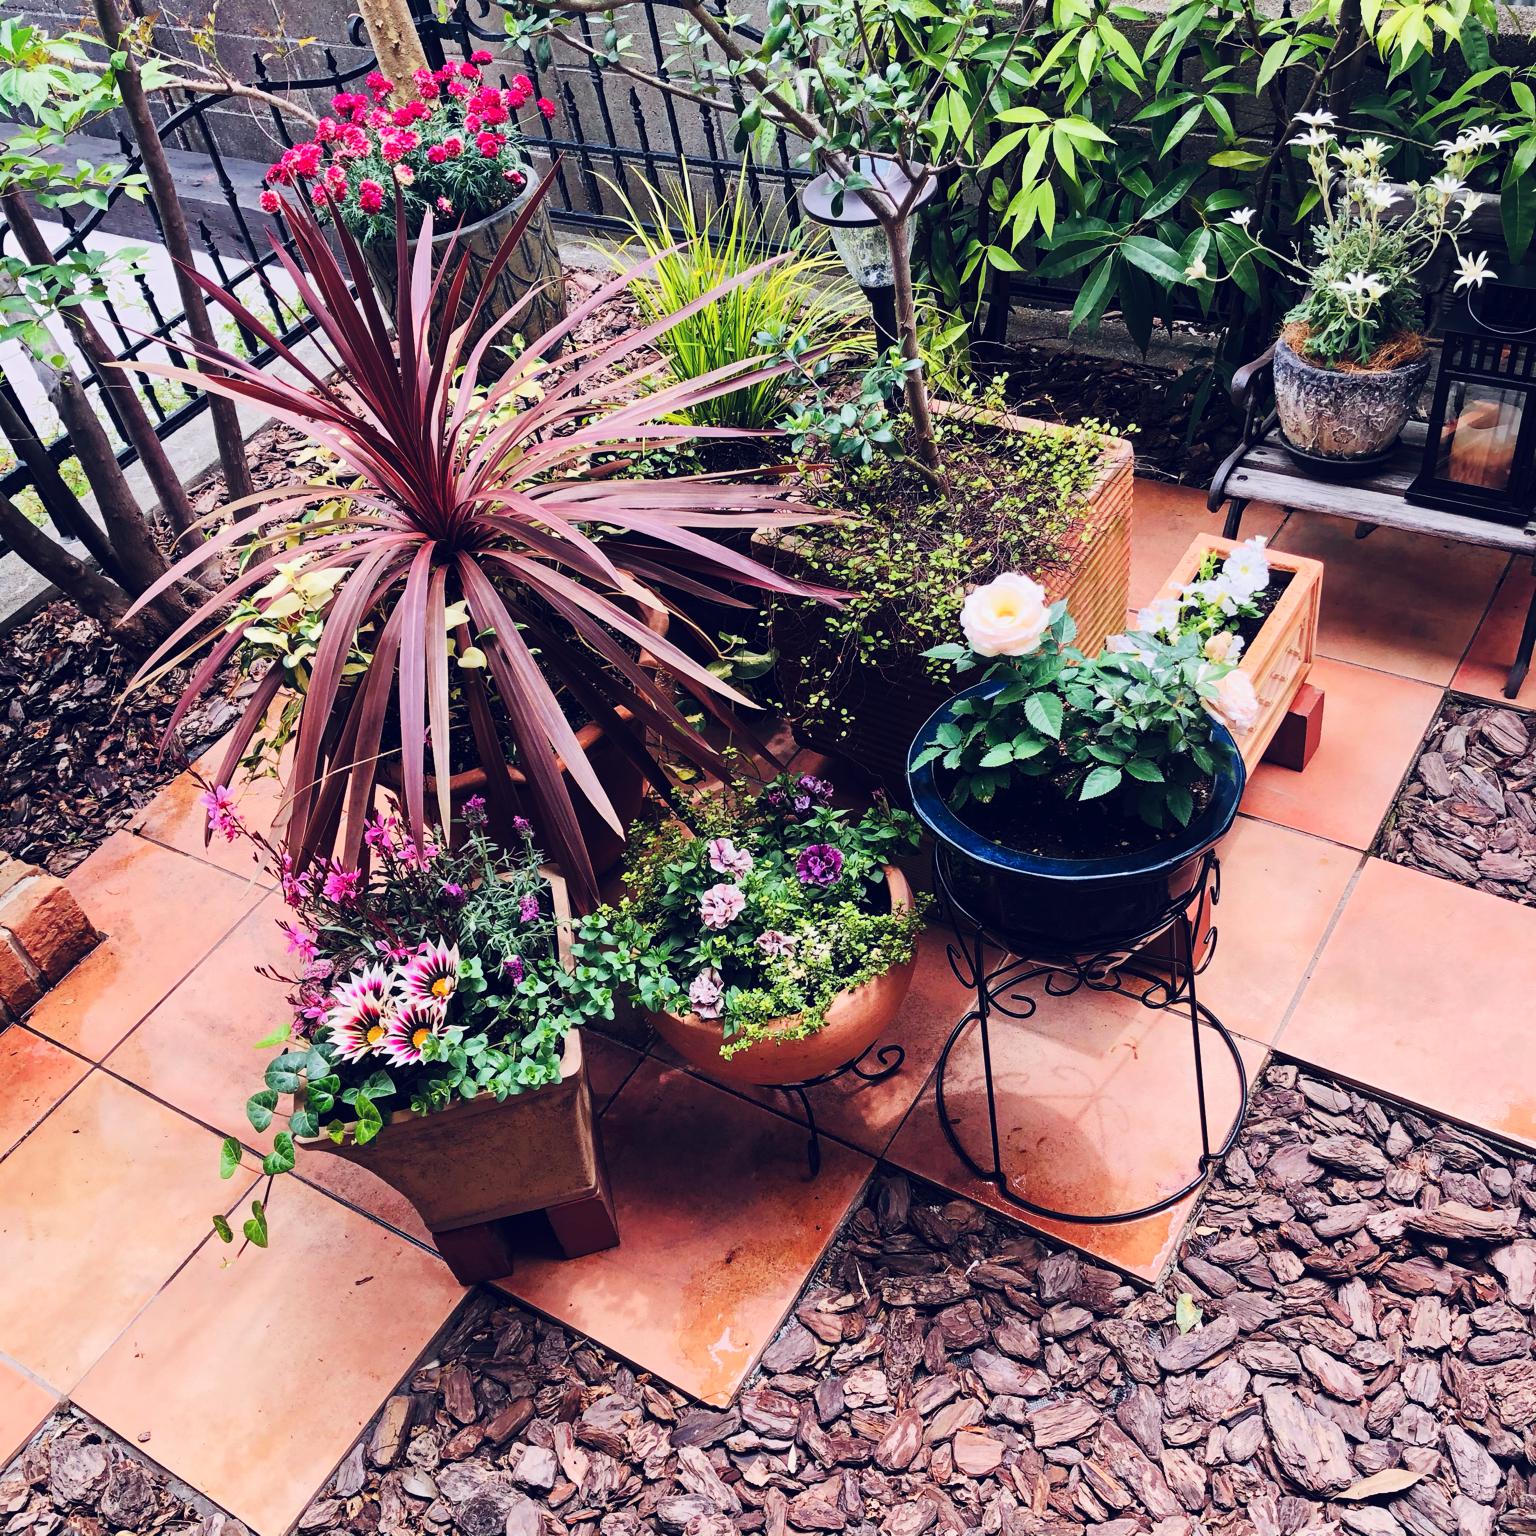 テラコッタ/寄せ植え/ガーデニング/庭/お花のある暮らし...などのインテリア実例 - 2021-04-22 12:36:19